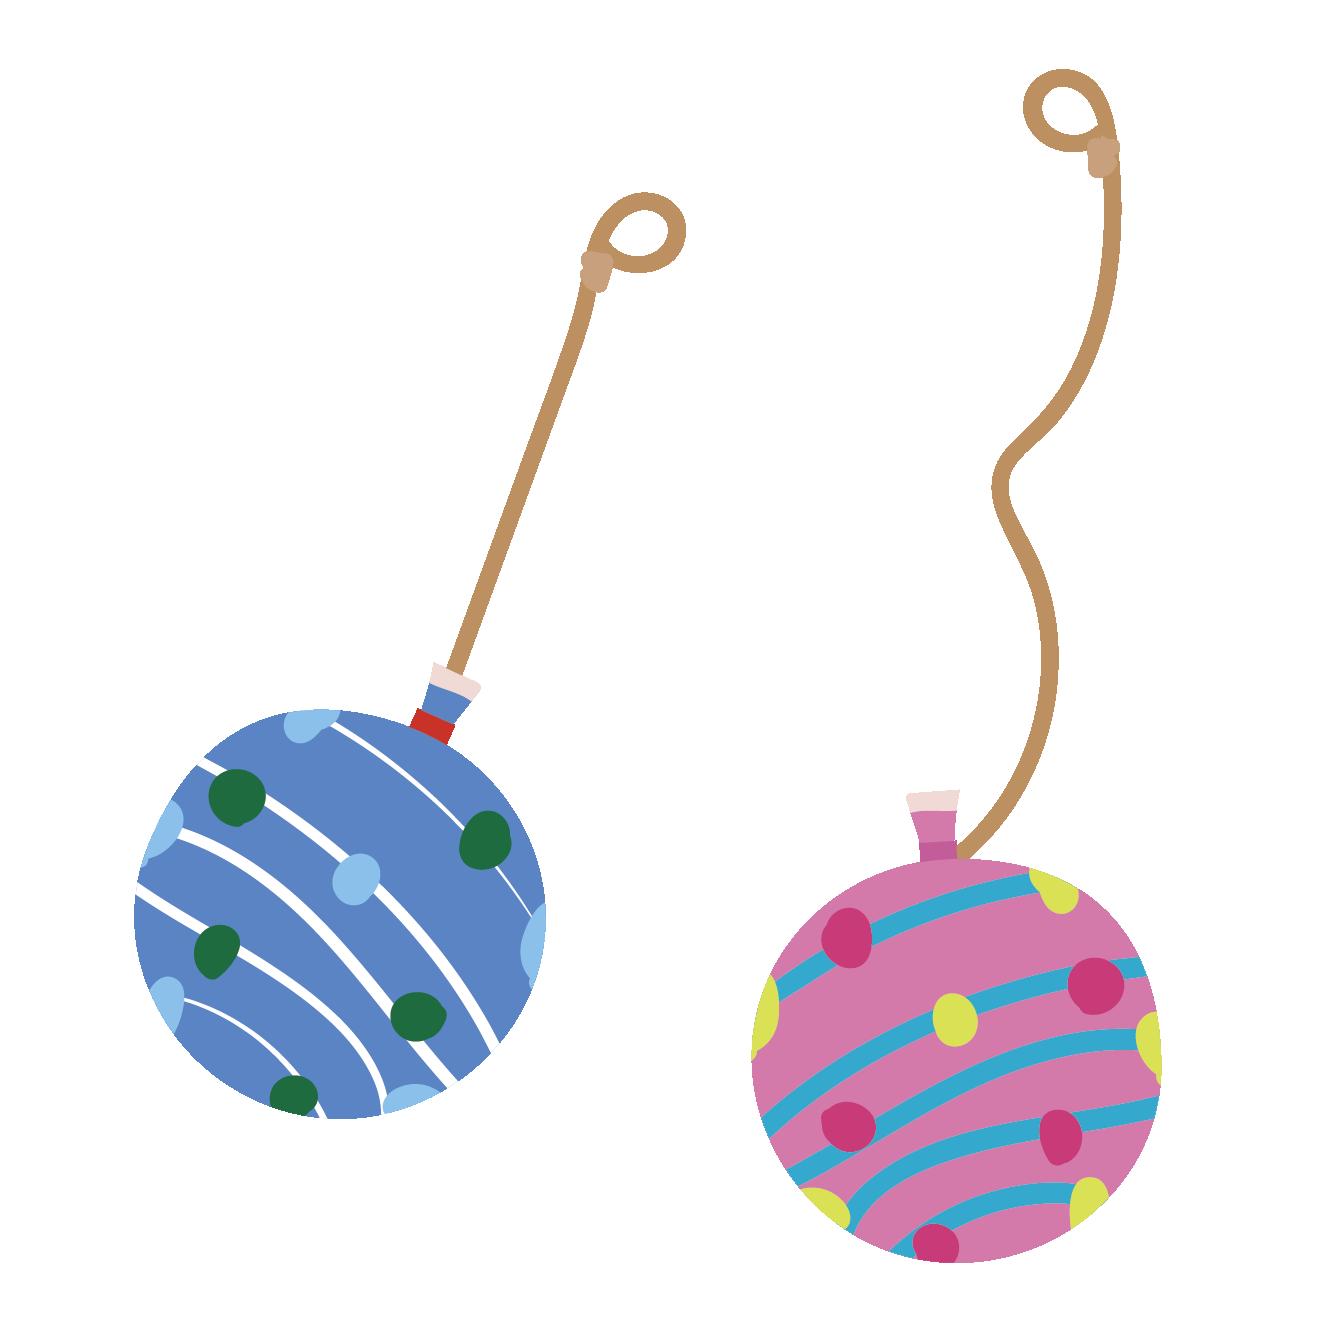 ヨーヨー(ヨーヨーすくいの風船)青とピンク色のイラスト